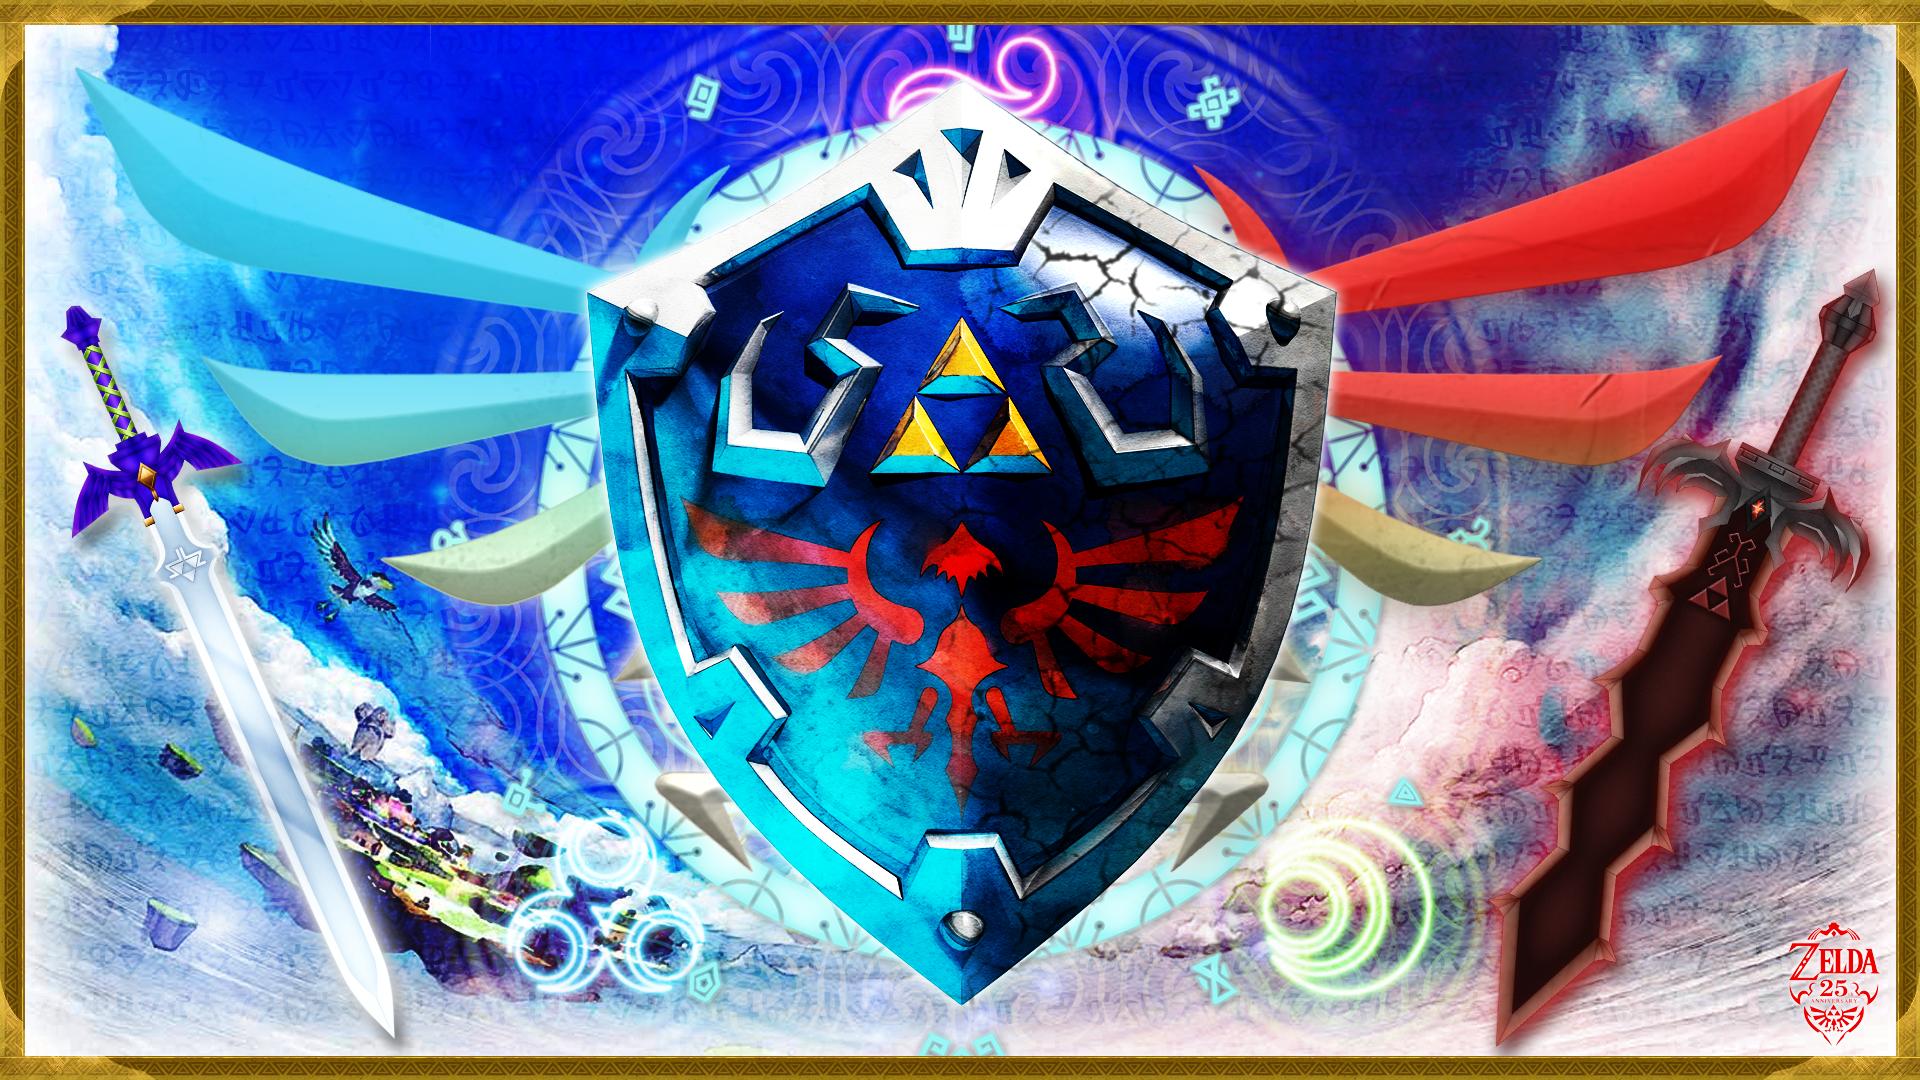 Legend Of Zelda Wallpaper 1920x1080: 35 The Legend Of Zelda: Skyward Sword HD Wallpapers